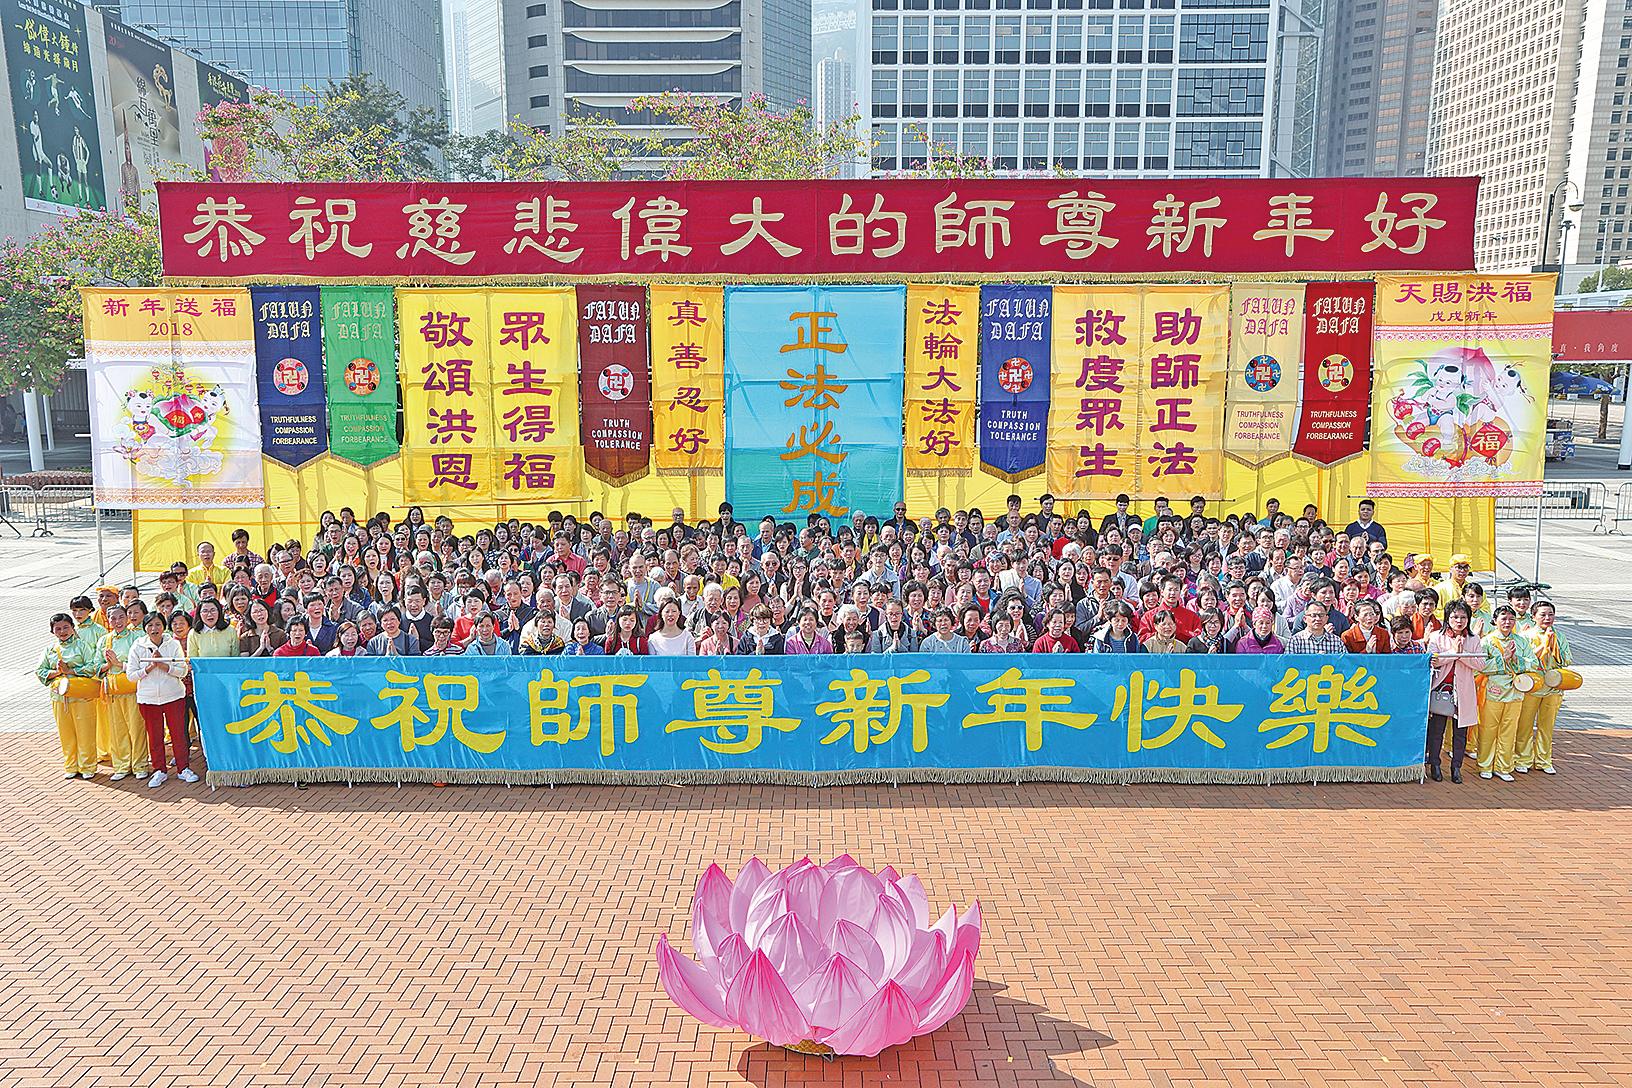 2018年2月16日大年初一,香港部份法輪功學員在中環愛丁堡廣場,向法輪功創始人李洪志先生拜年。(李逸/大紀元)